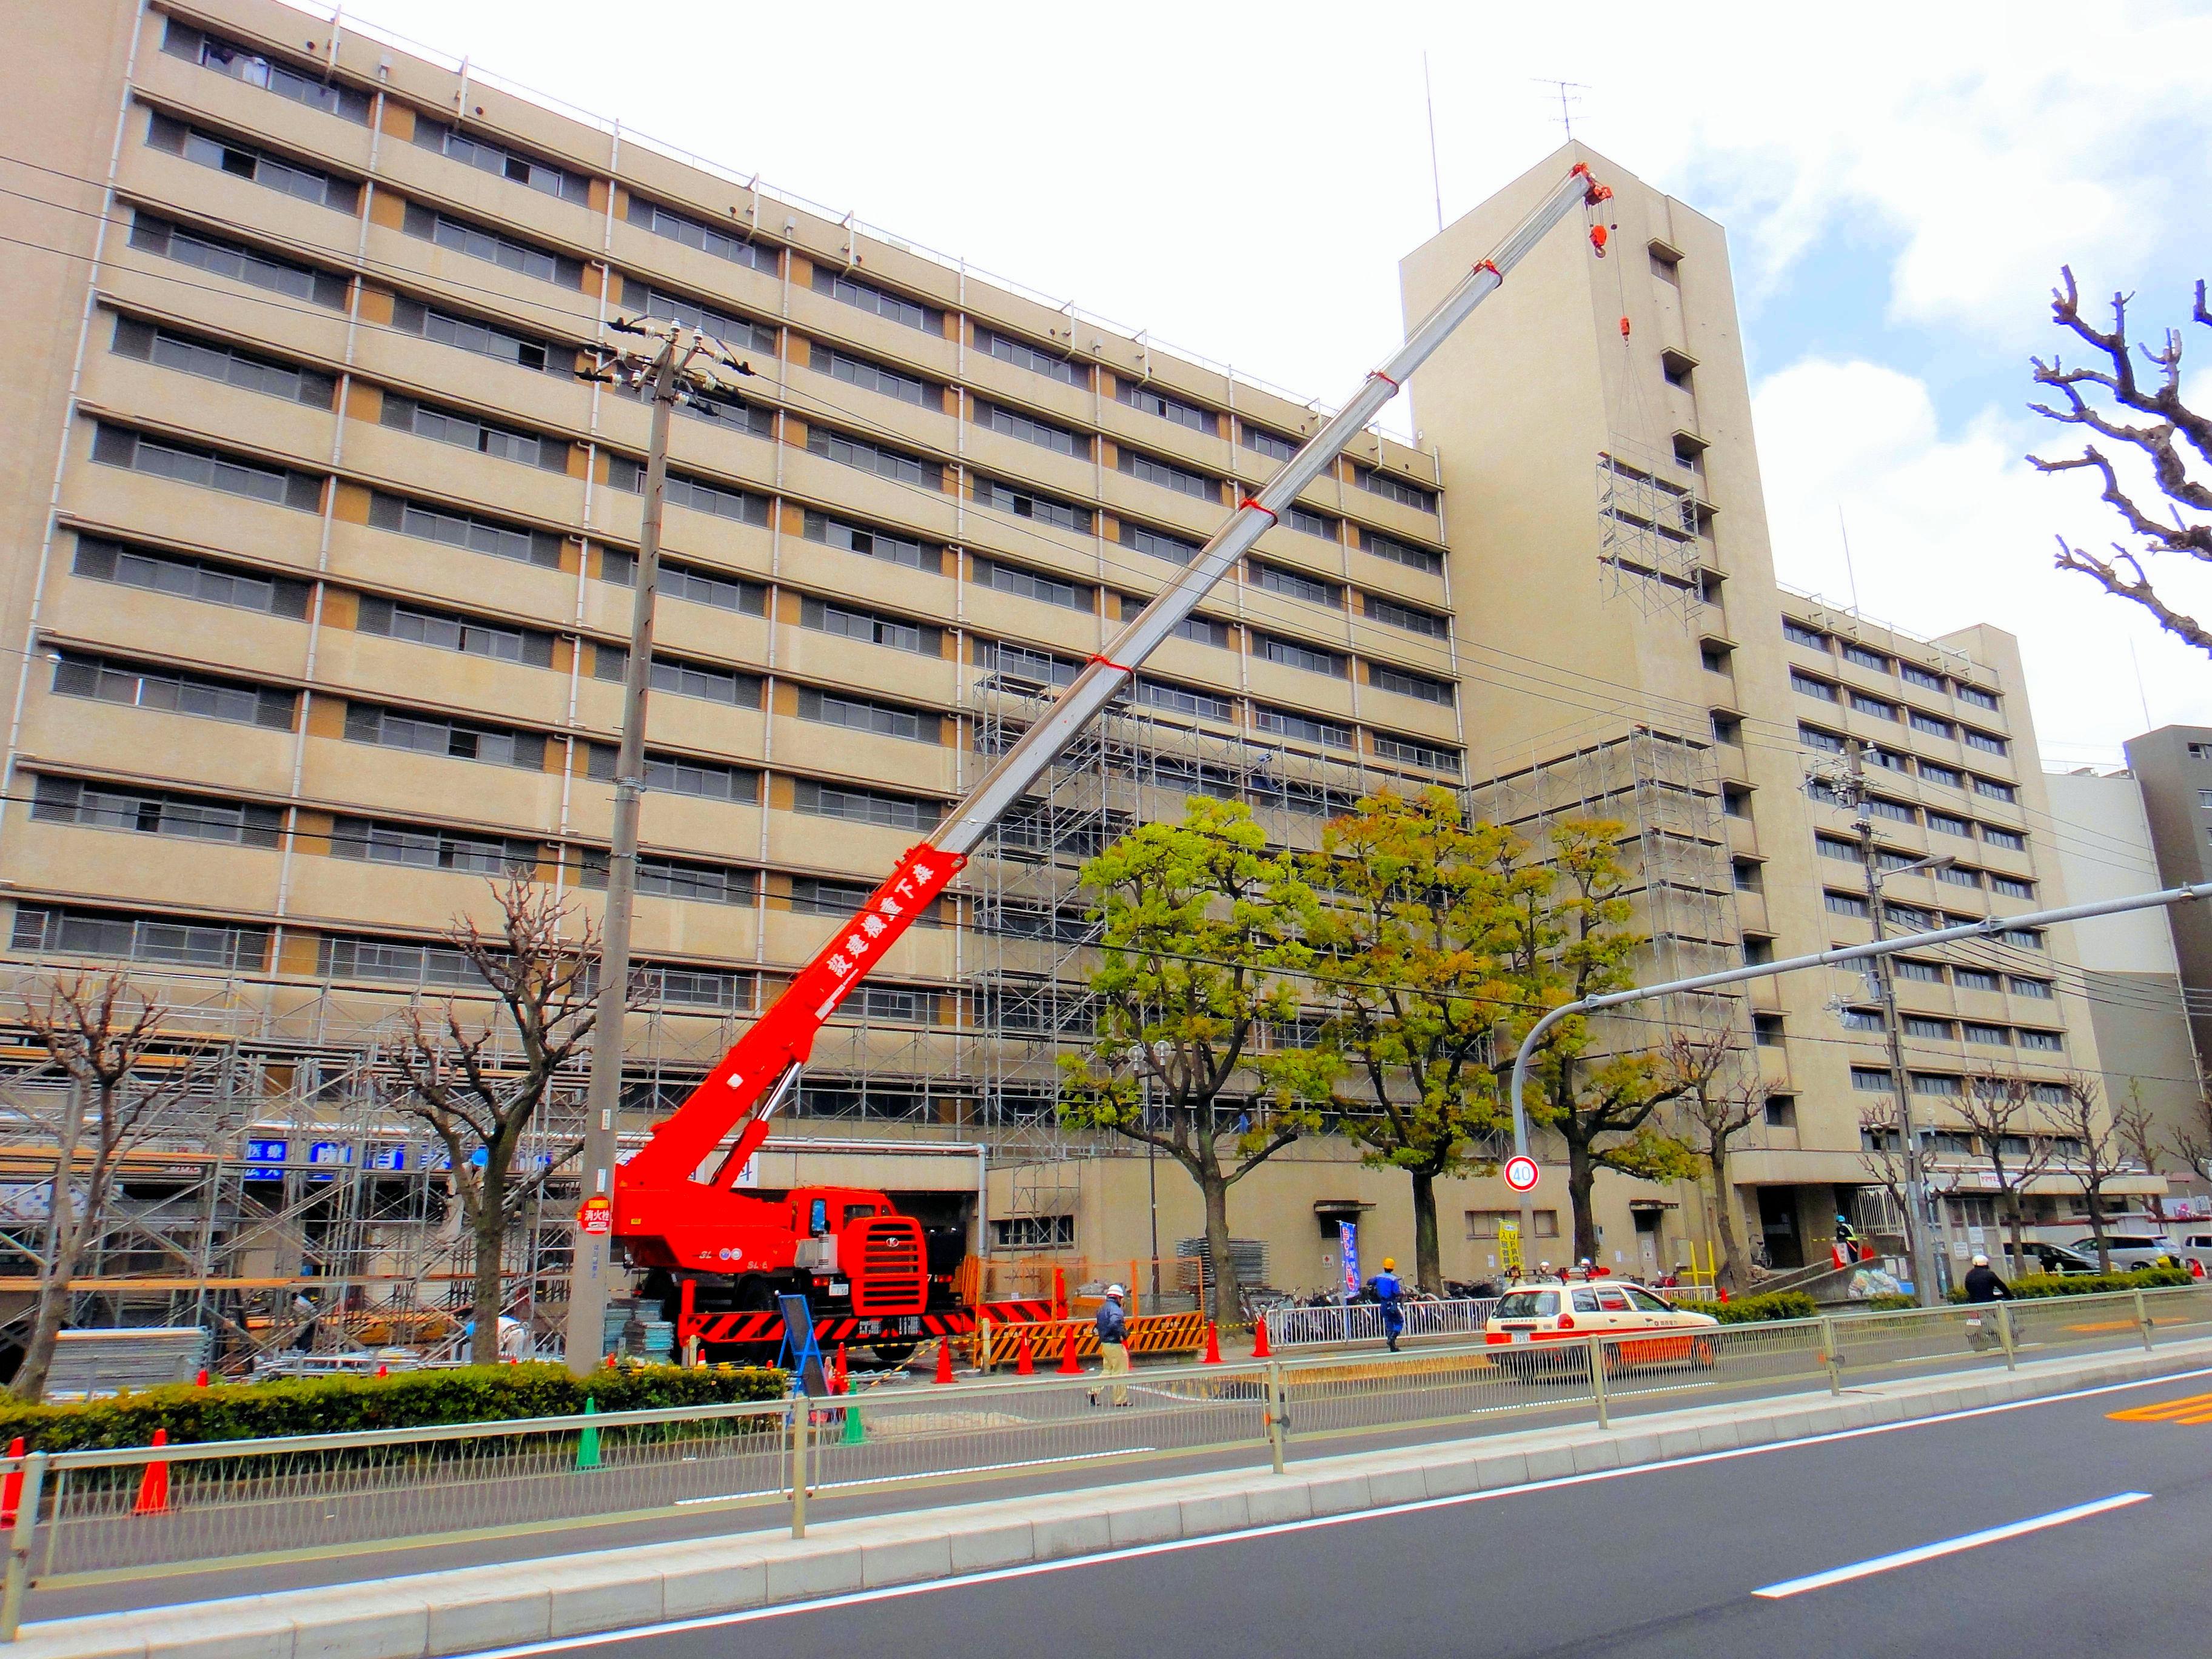 UR伝法団地大規模修繕工事(大阪府大阪市)